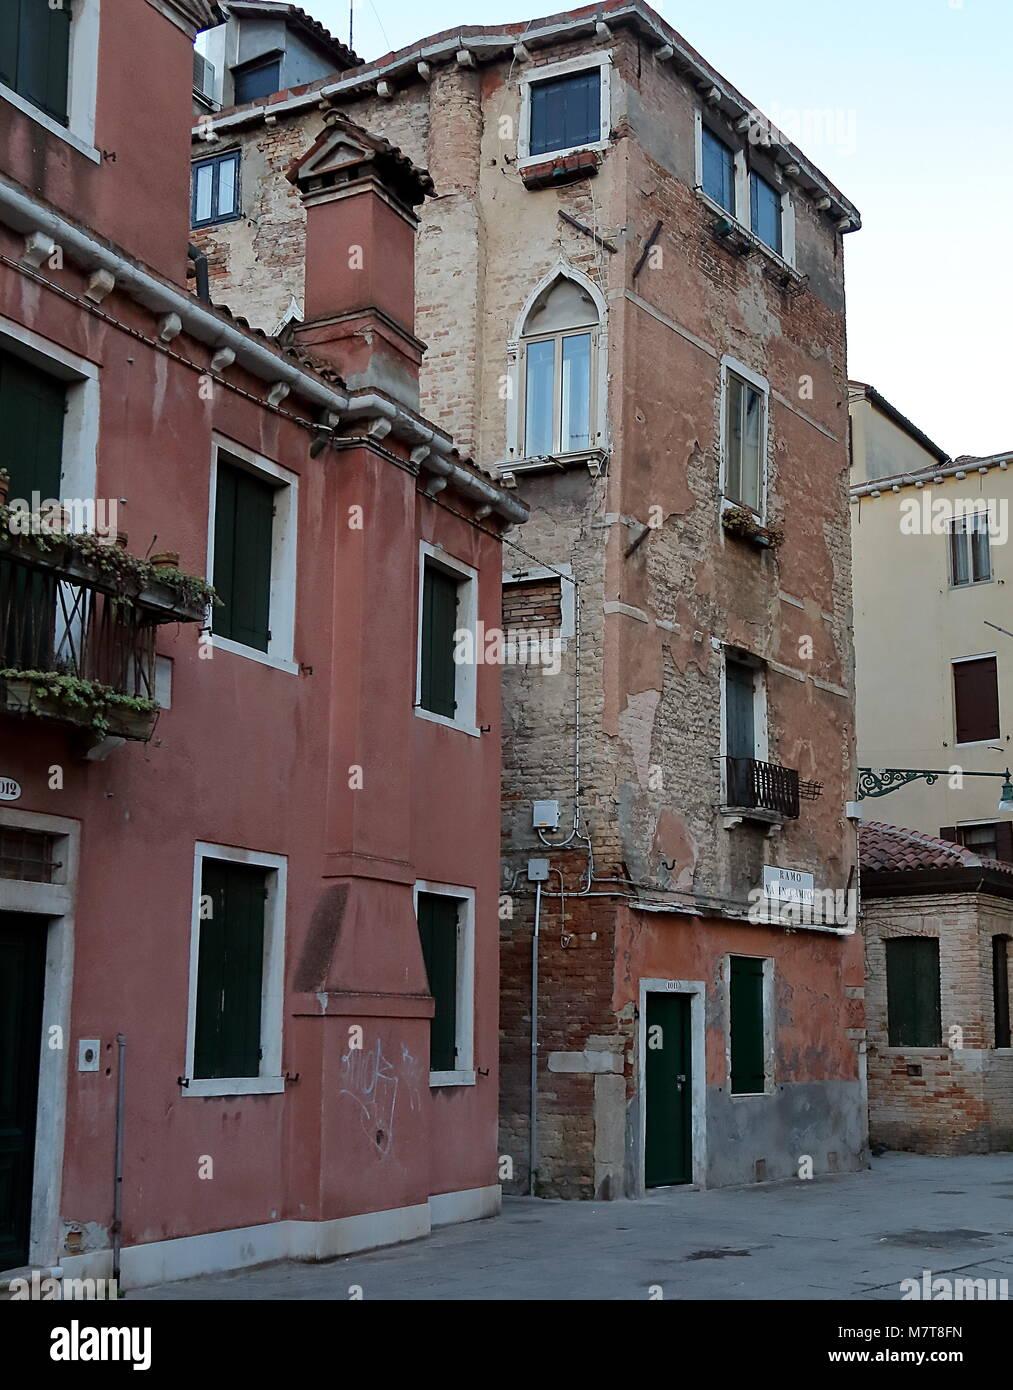 Venezia, Italia - 19 gennaio 2018. Vecchi edifici fatiscenti sulla Corte de l anatomia O Fiorenzuola Immagini Stock